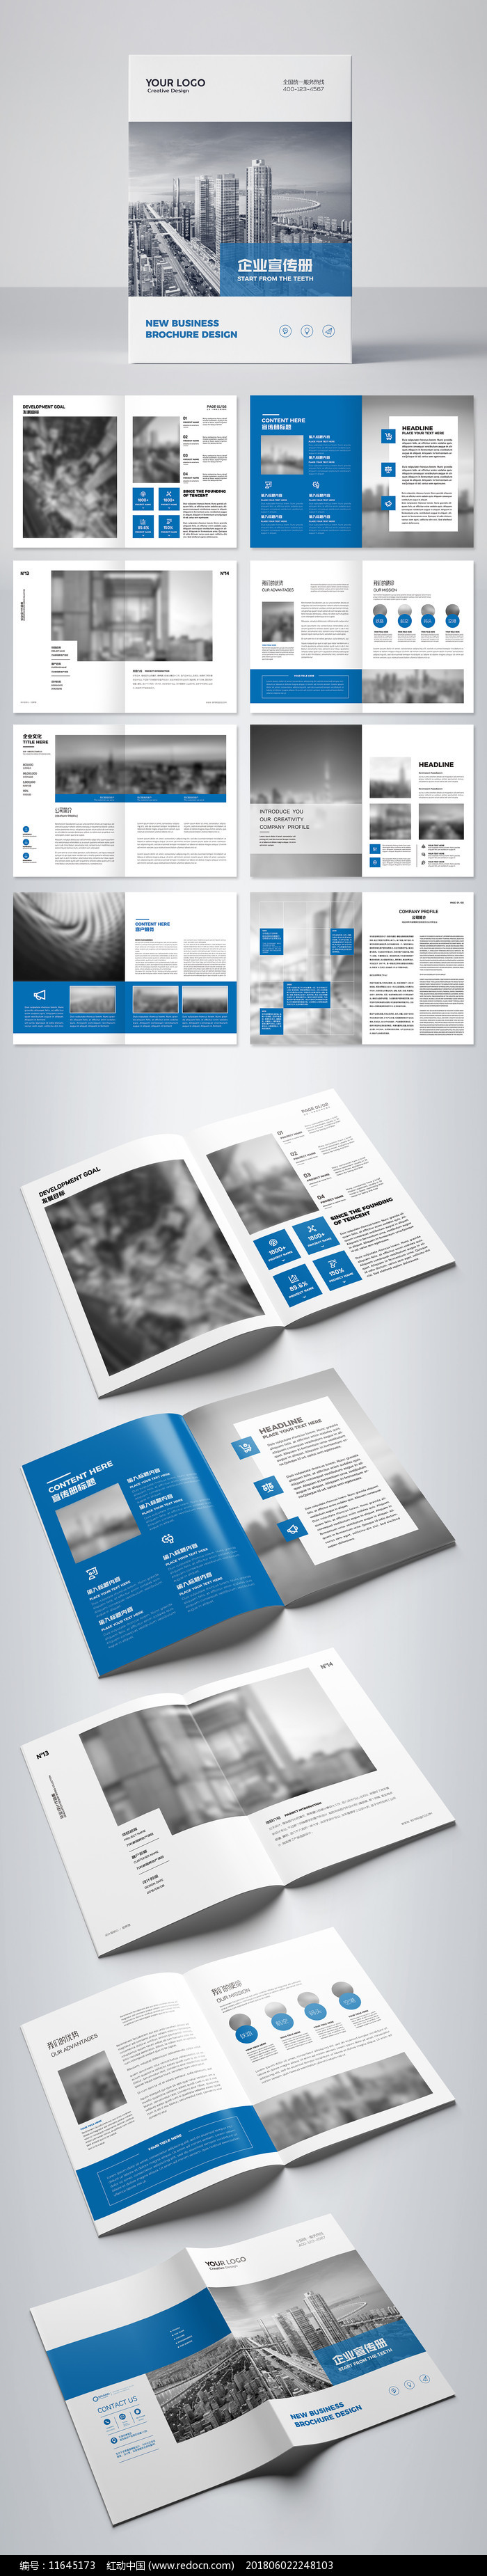 藍色大氣企業畫冊模板設計圖片